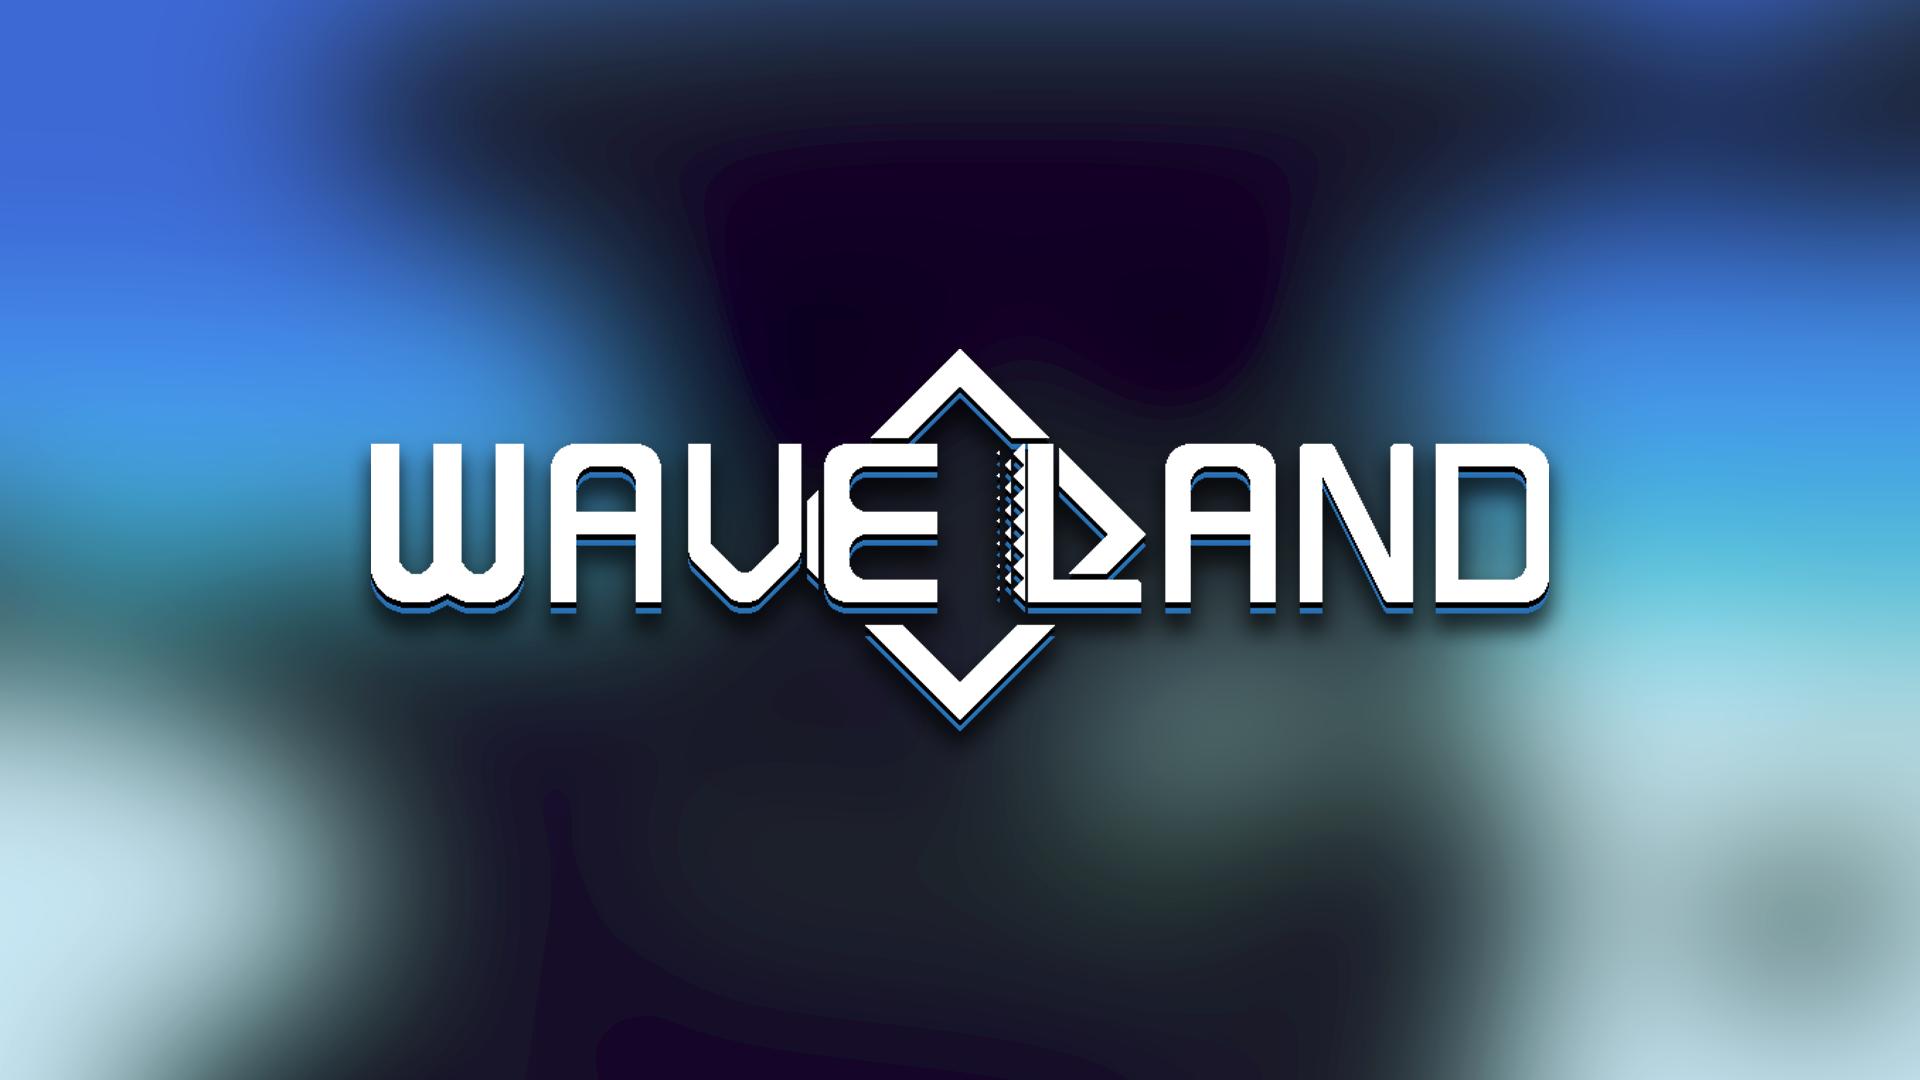 waveland_image.png